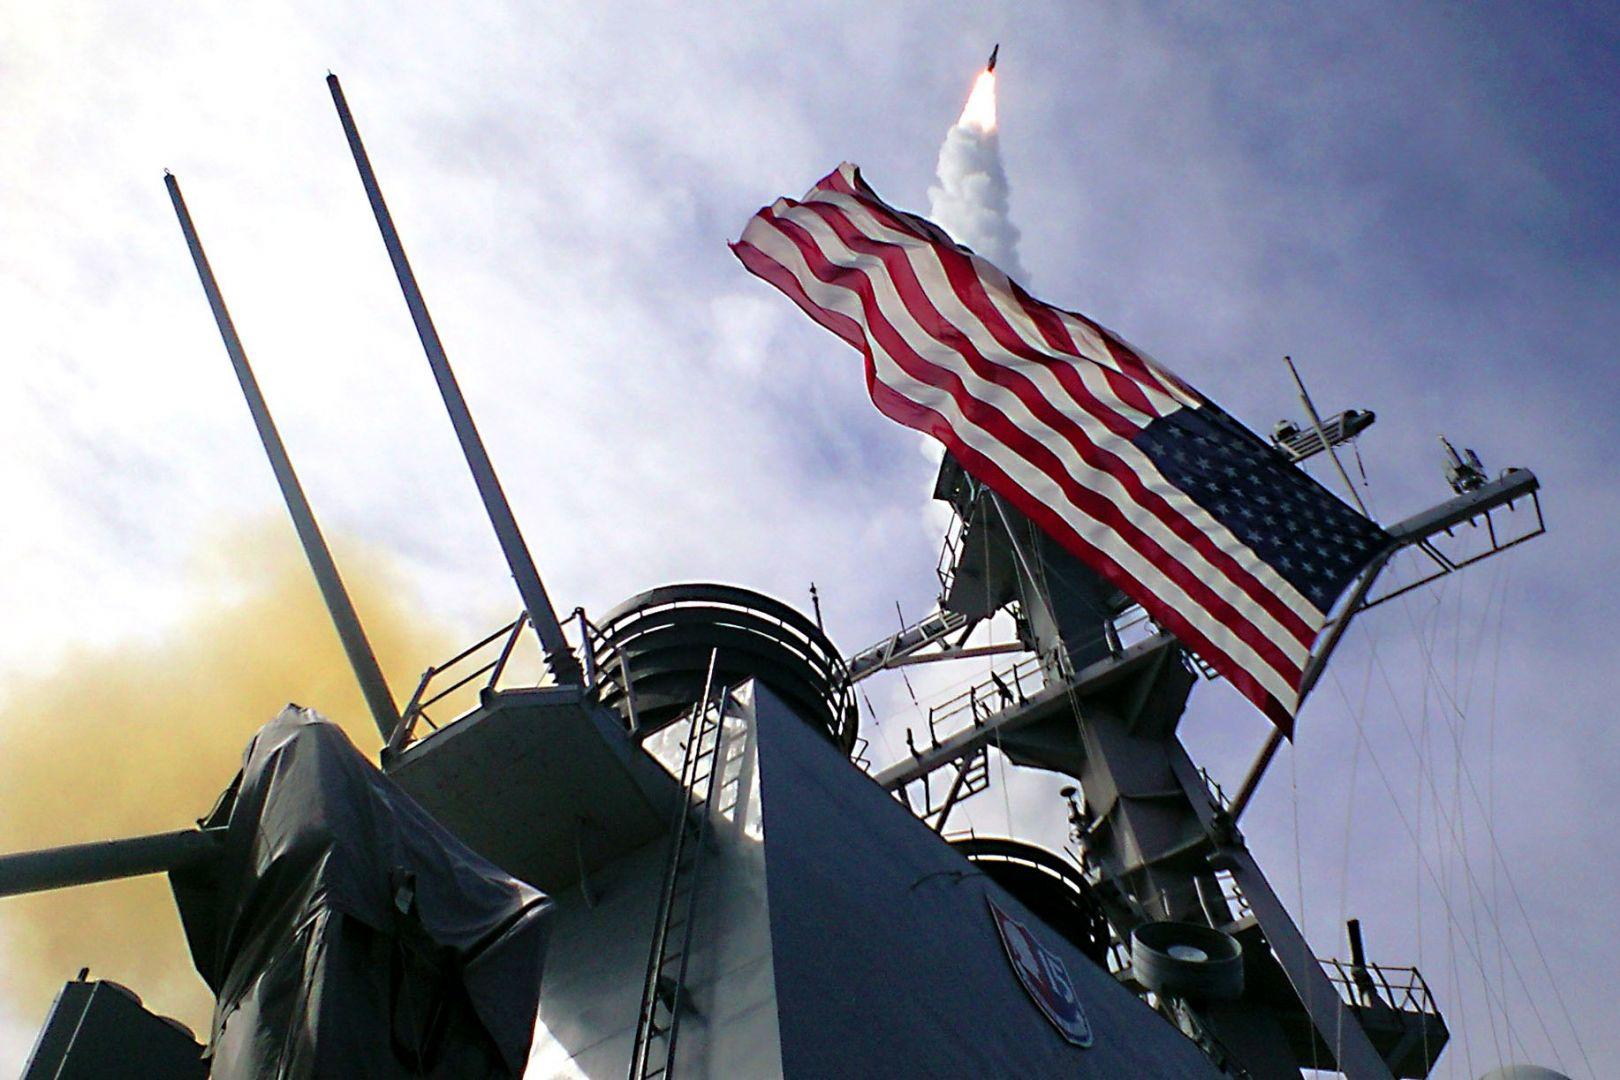 США доставили радар для системы THAAD вЮжной Корее